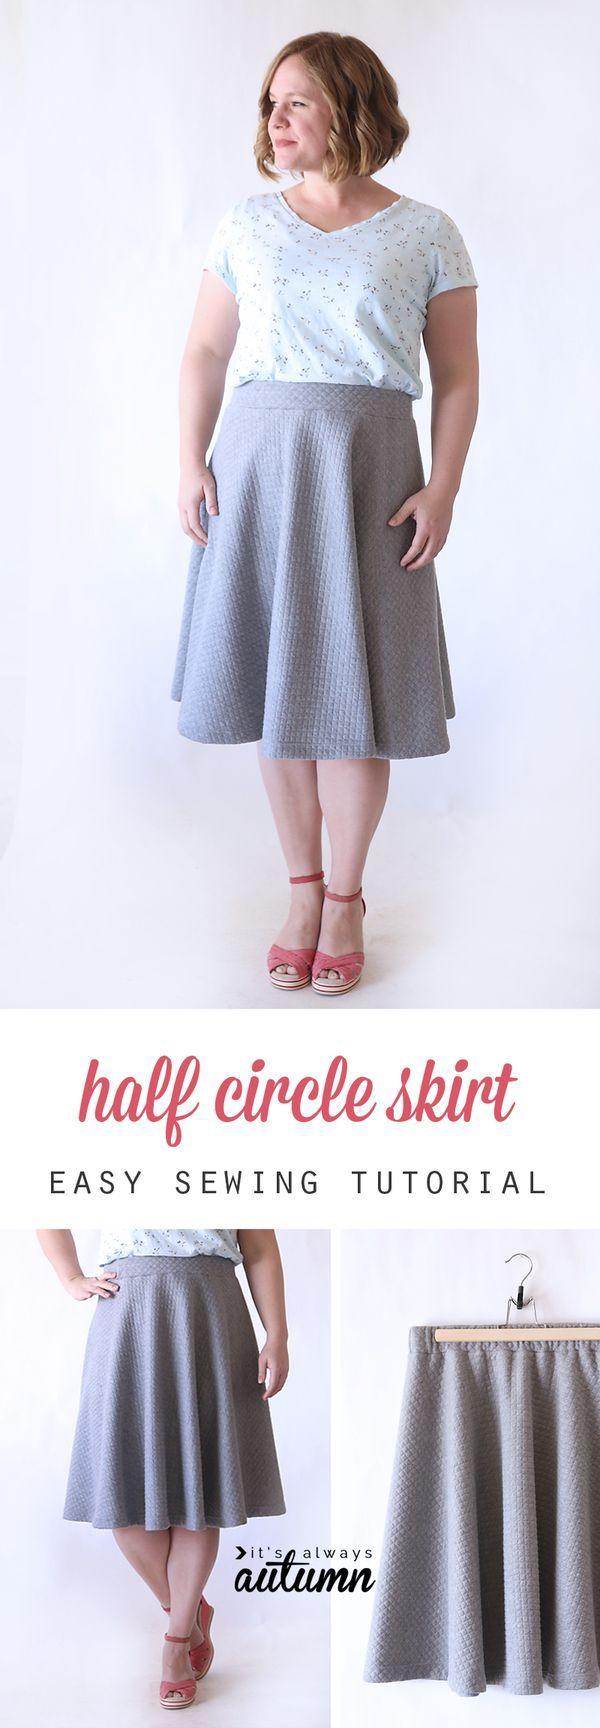 easy half circle skirt sewing tutorial | Costura, Patrones y Falda